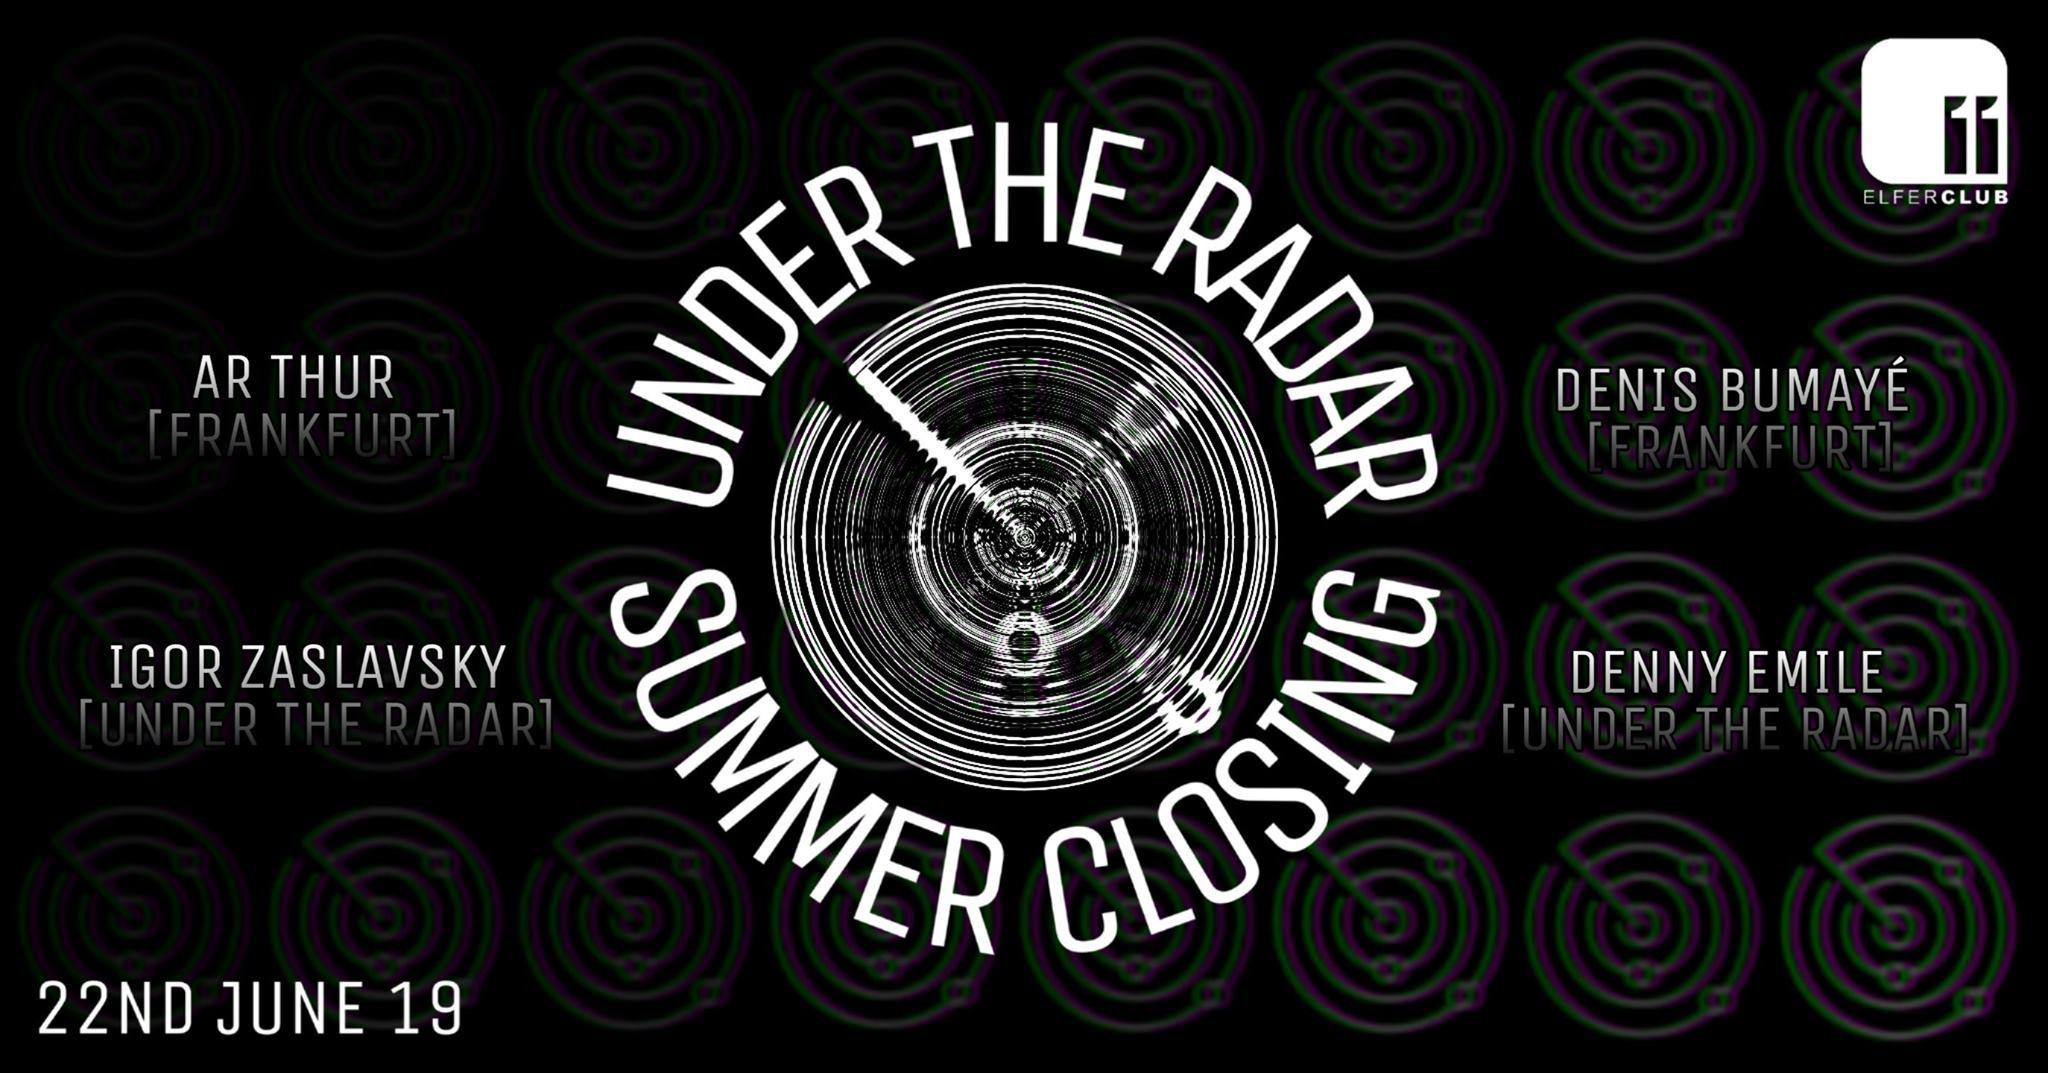 Under The Radar - Summer Closing